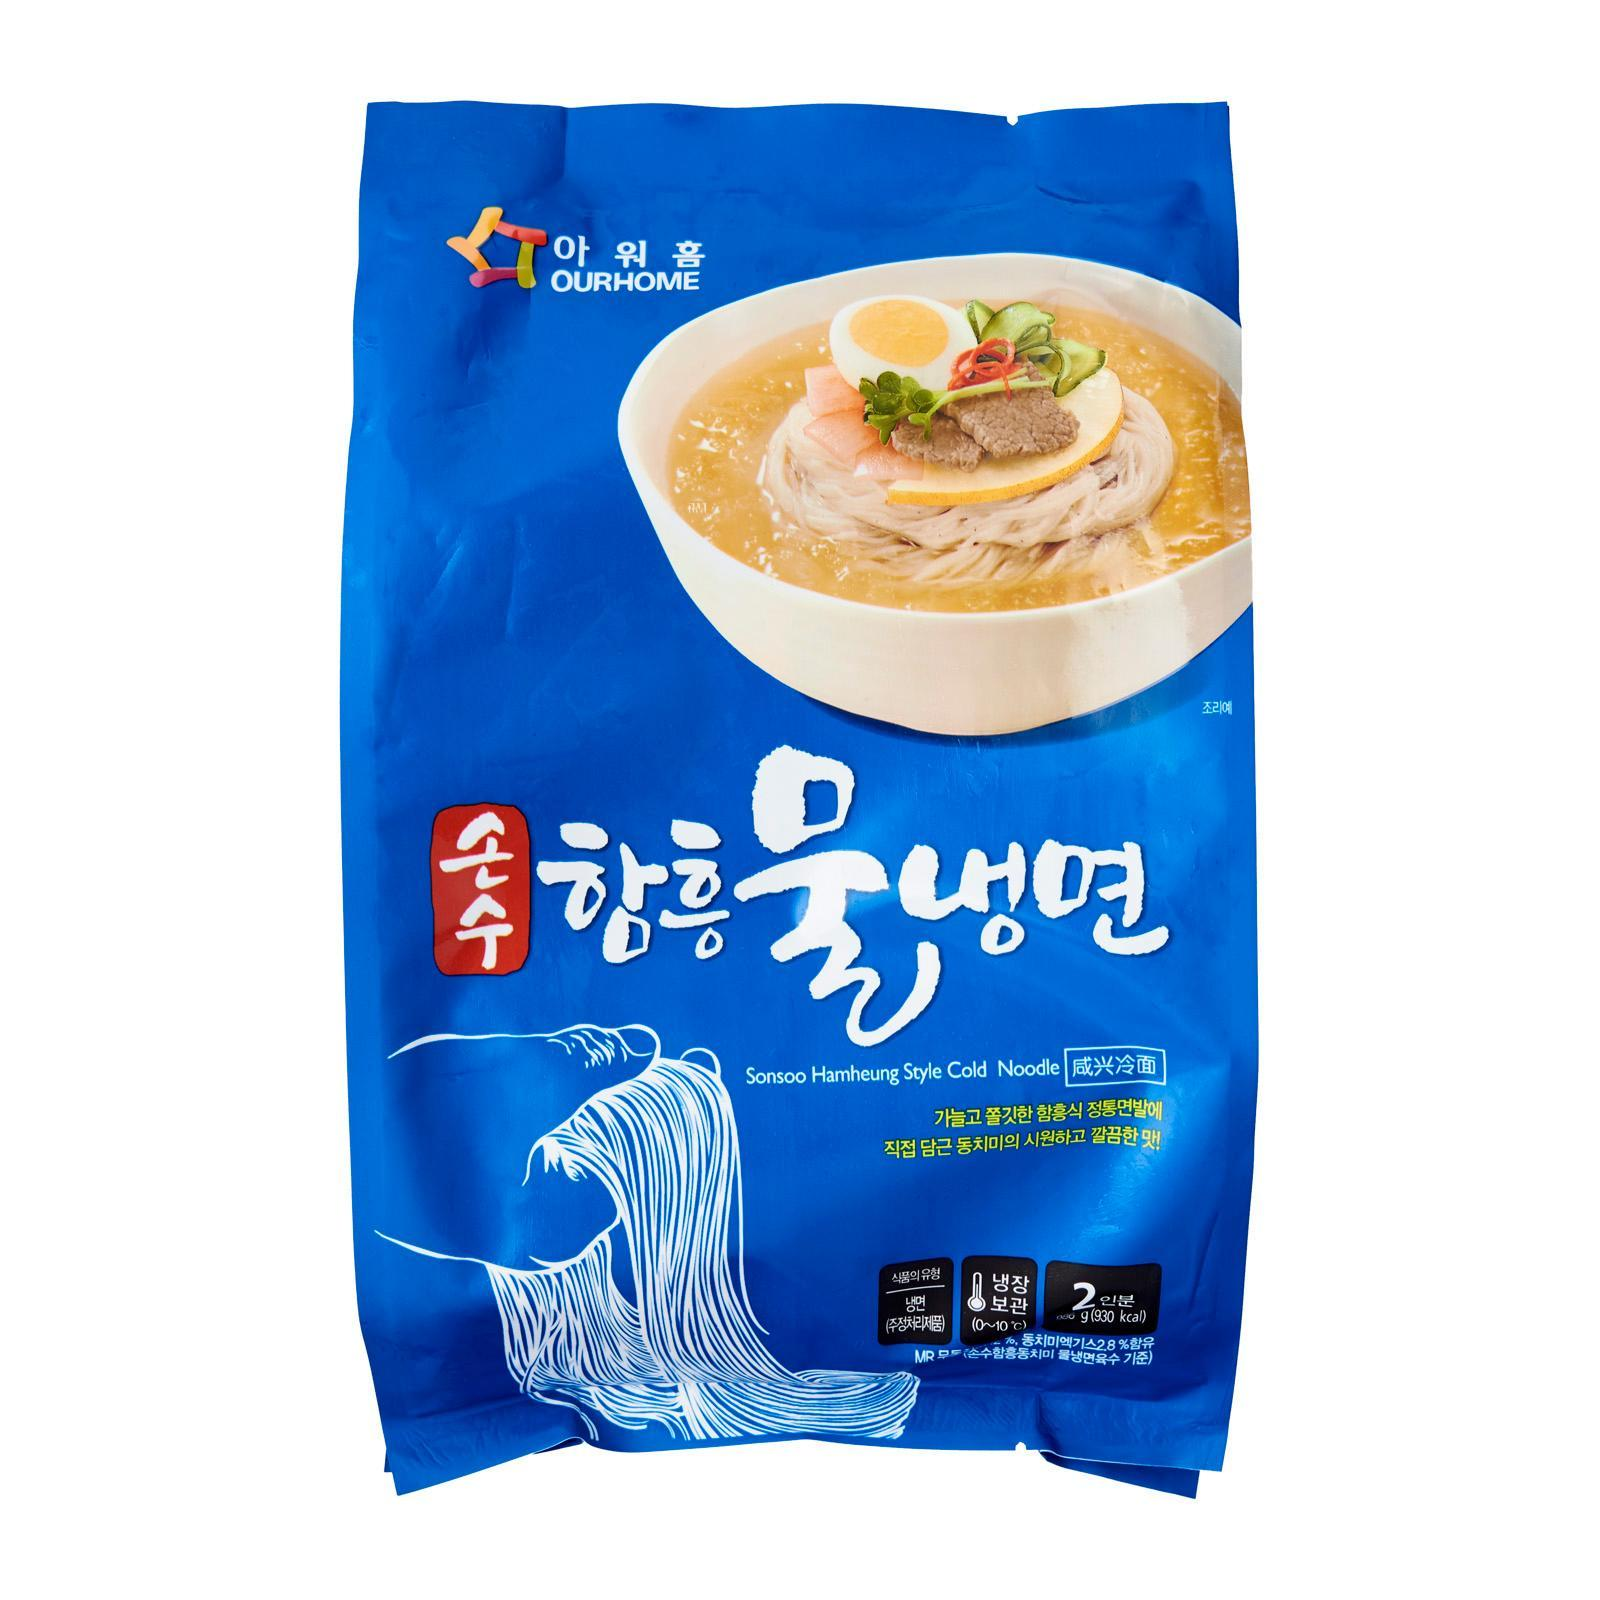 Ourhome Korean Style Cold Noodles - Frozen -Korea